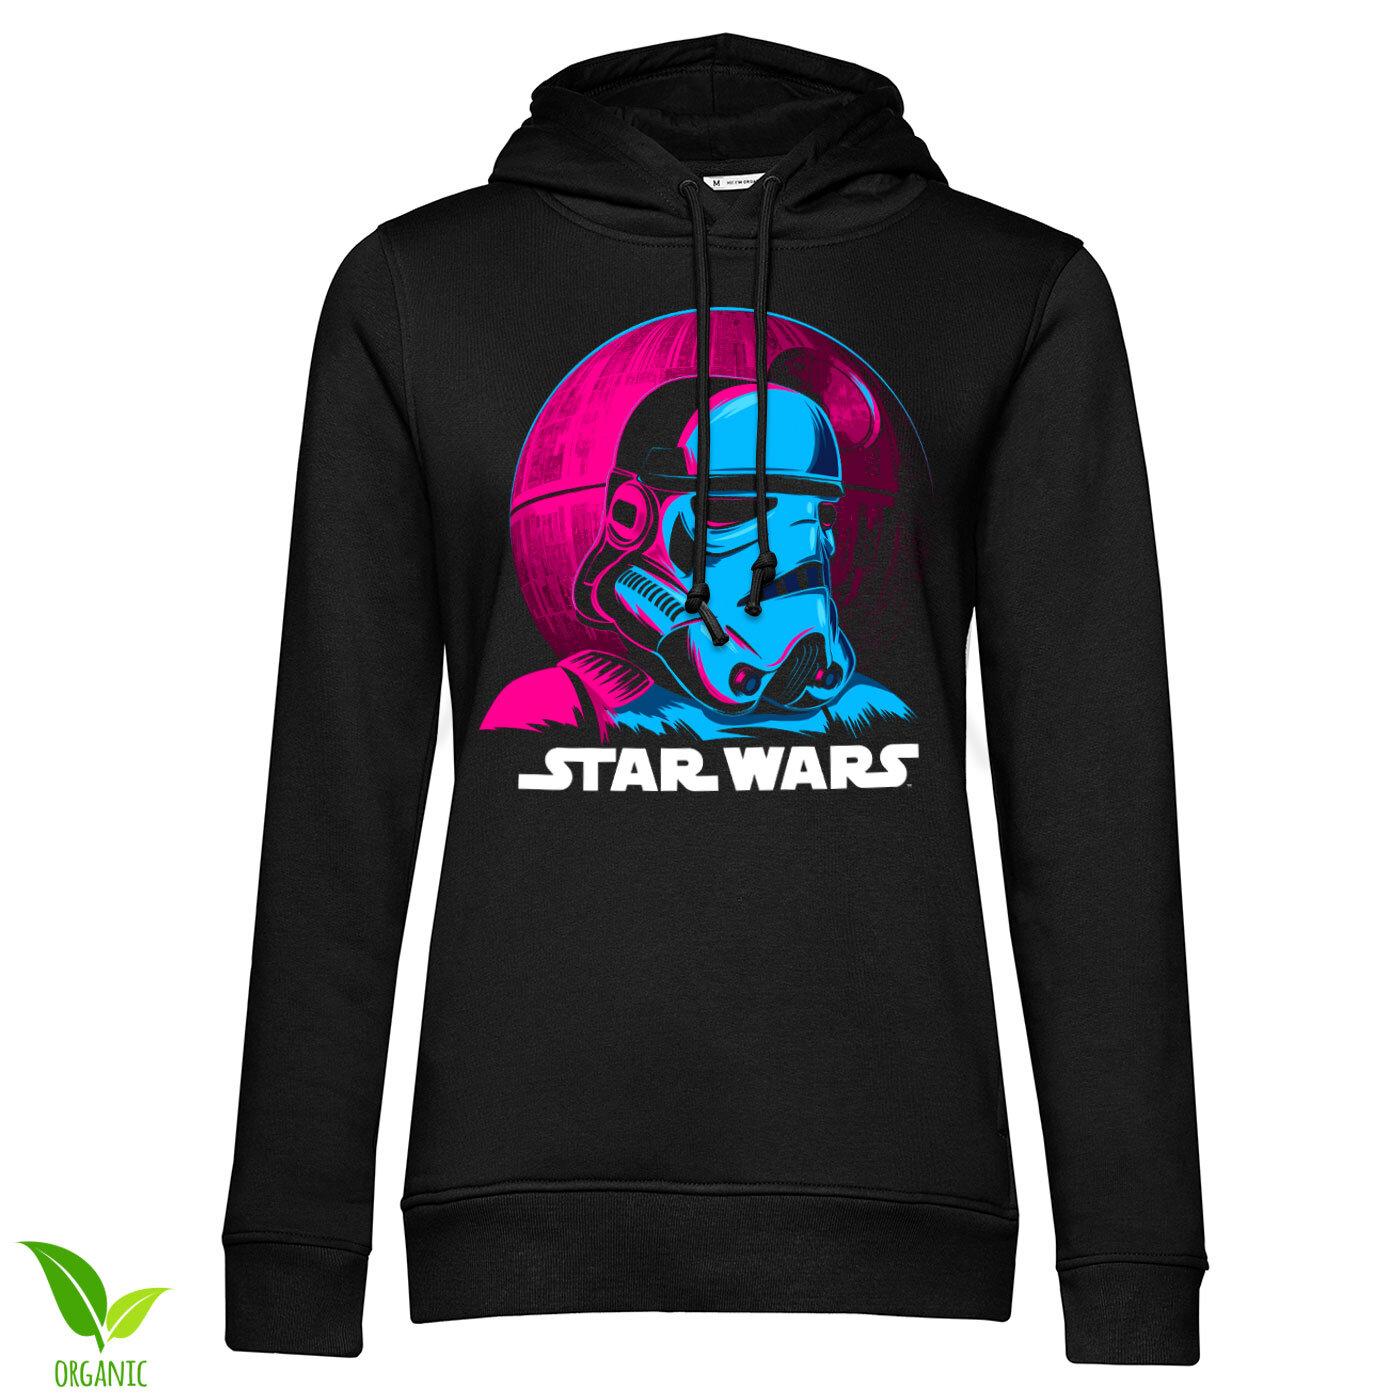 Star Wars - Colorful Trooper Girls Hoodie